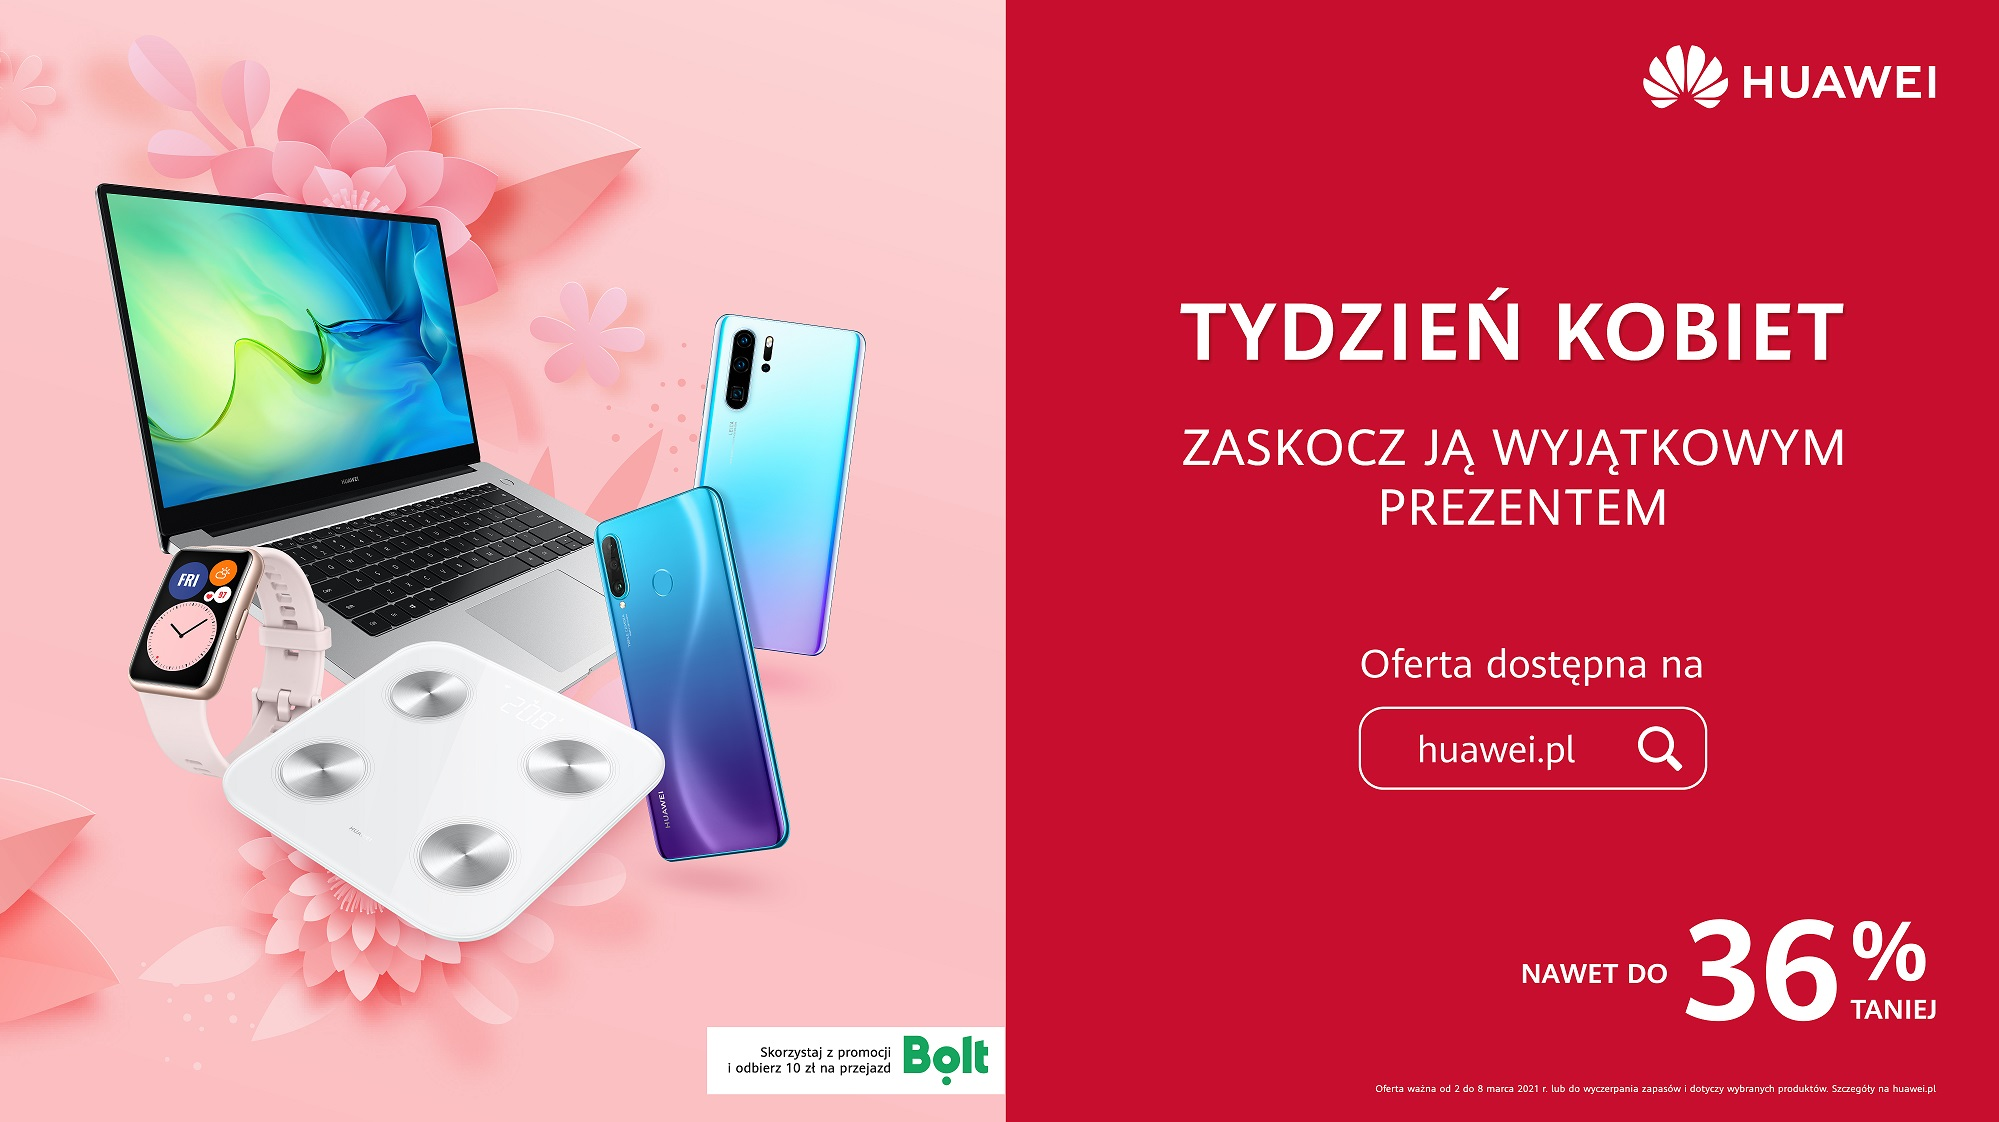 promocja Huawei na Dzień Kobiet 2021 Huawei P30 Pro